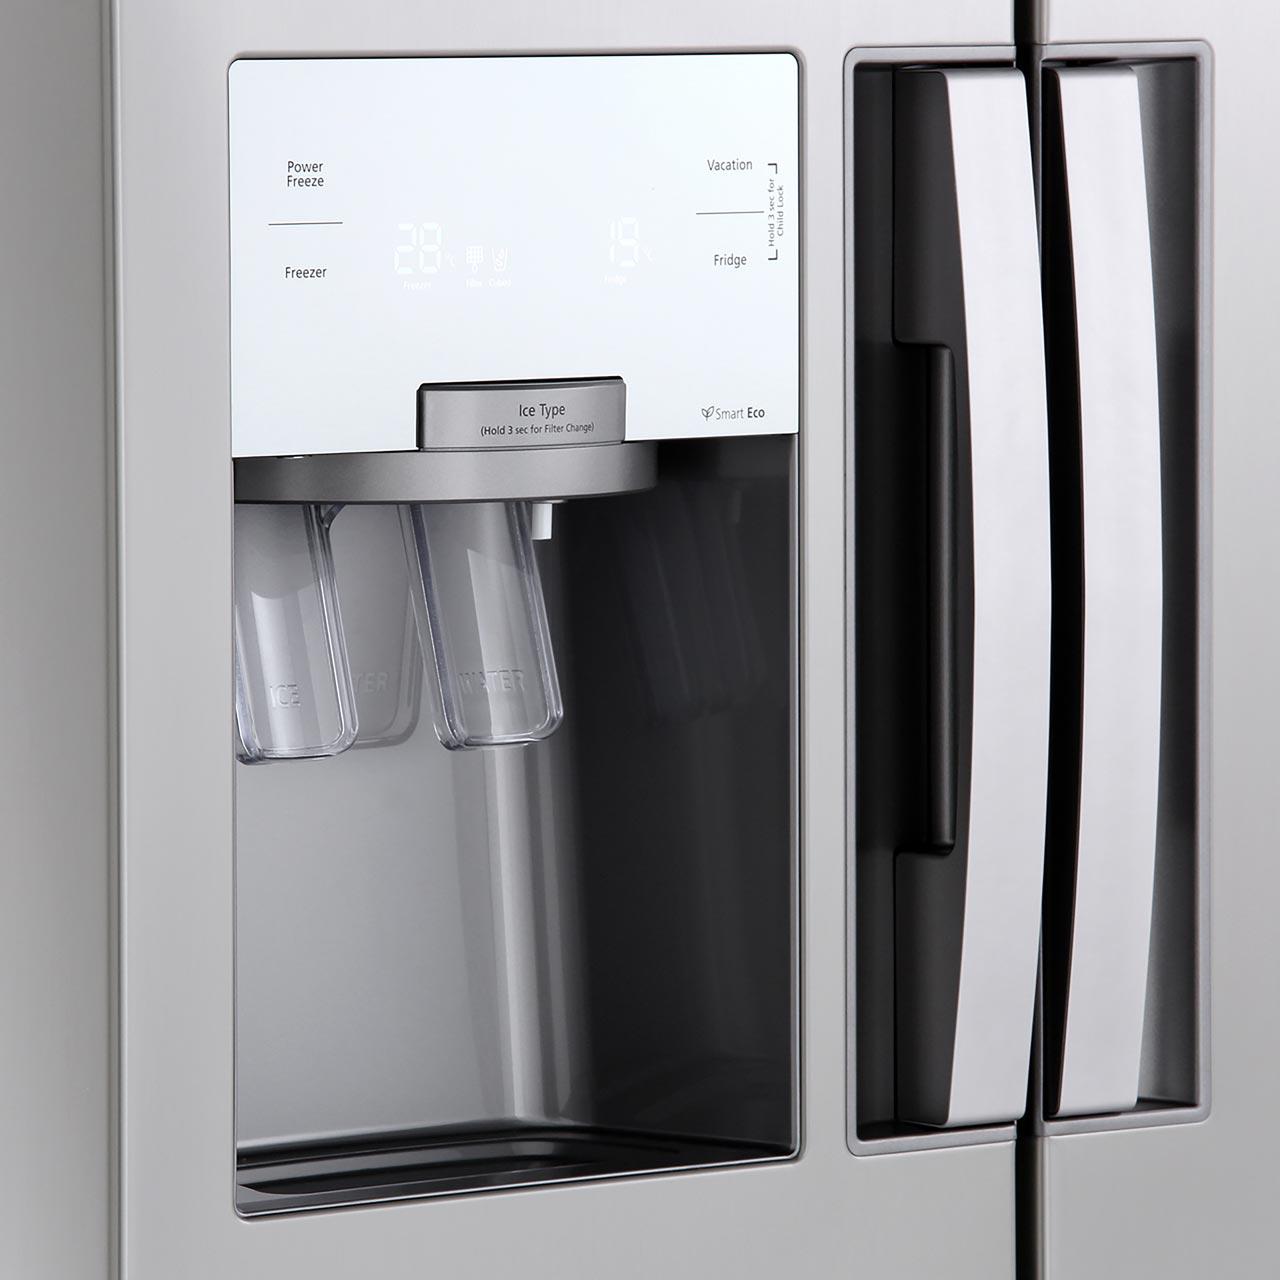 Steel Home Appliance Kitchen Equipment White Ice Cream Machine 43 39 91CM